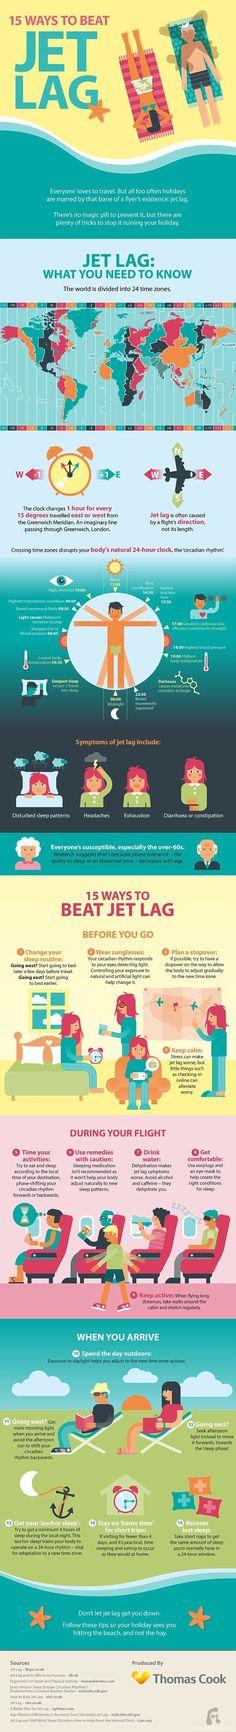 15 WAYS TO AVOID JETLAG #TRAVEL